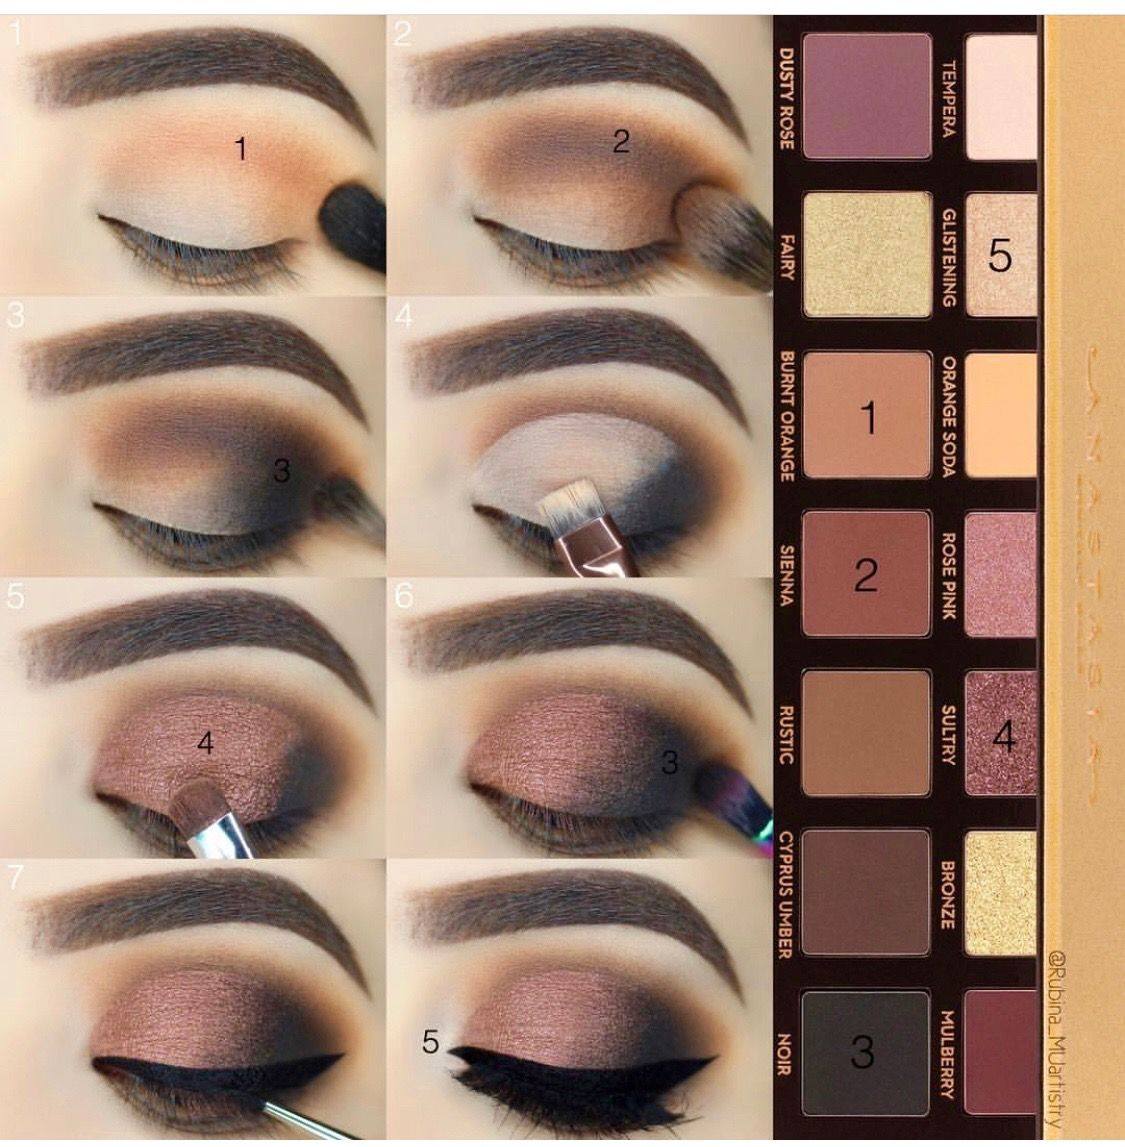 brown smokey eye makeup tutorial with anastasia palette